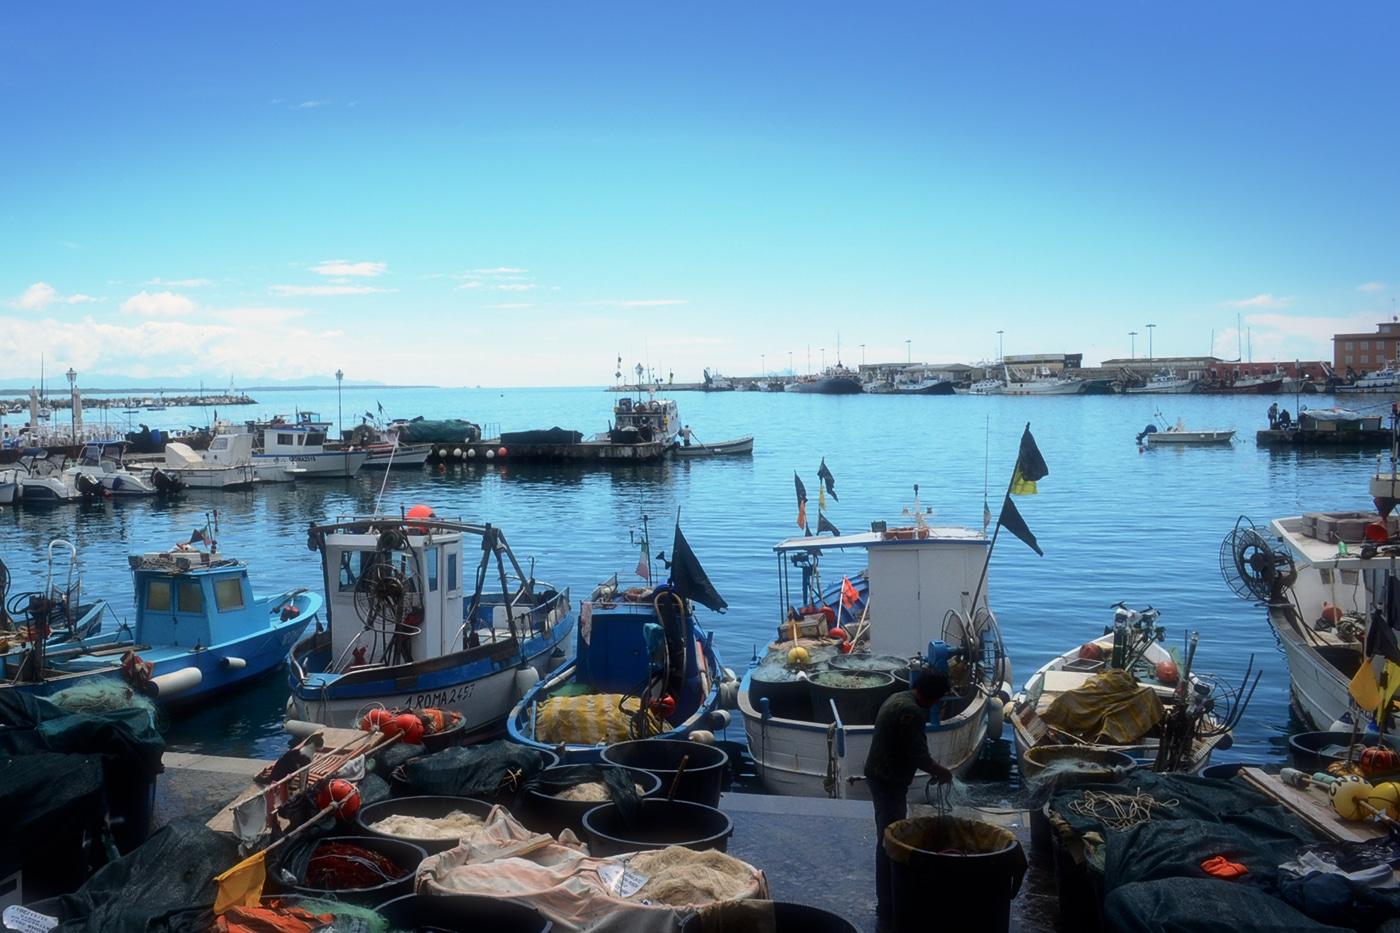 Sciopero dei pescatori oggi tutti davanti a montecitorio for Montecitorio oggi